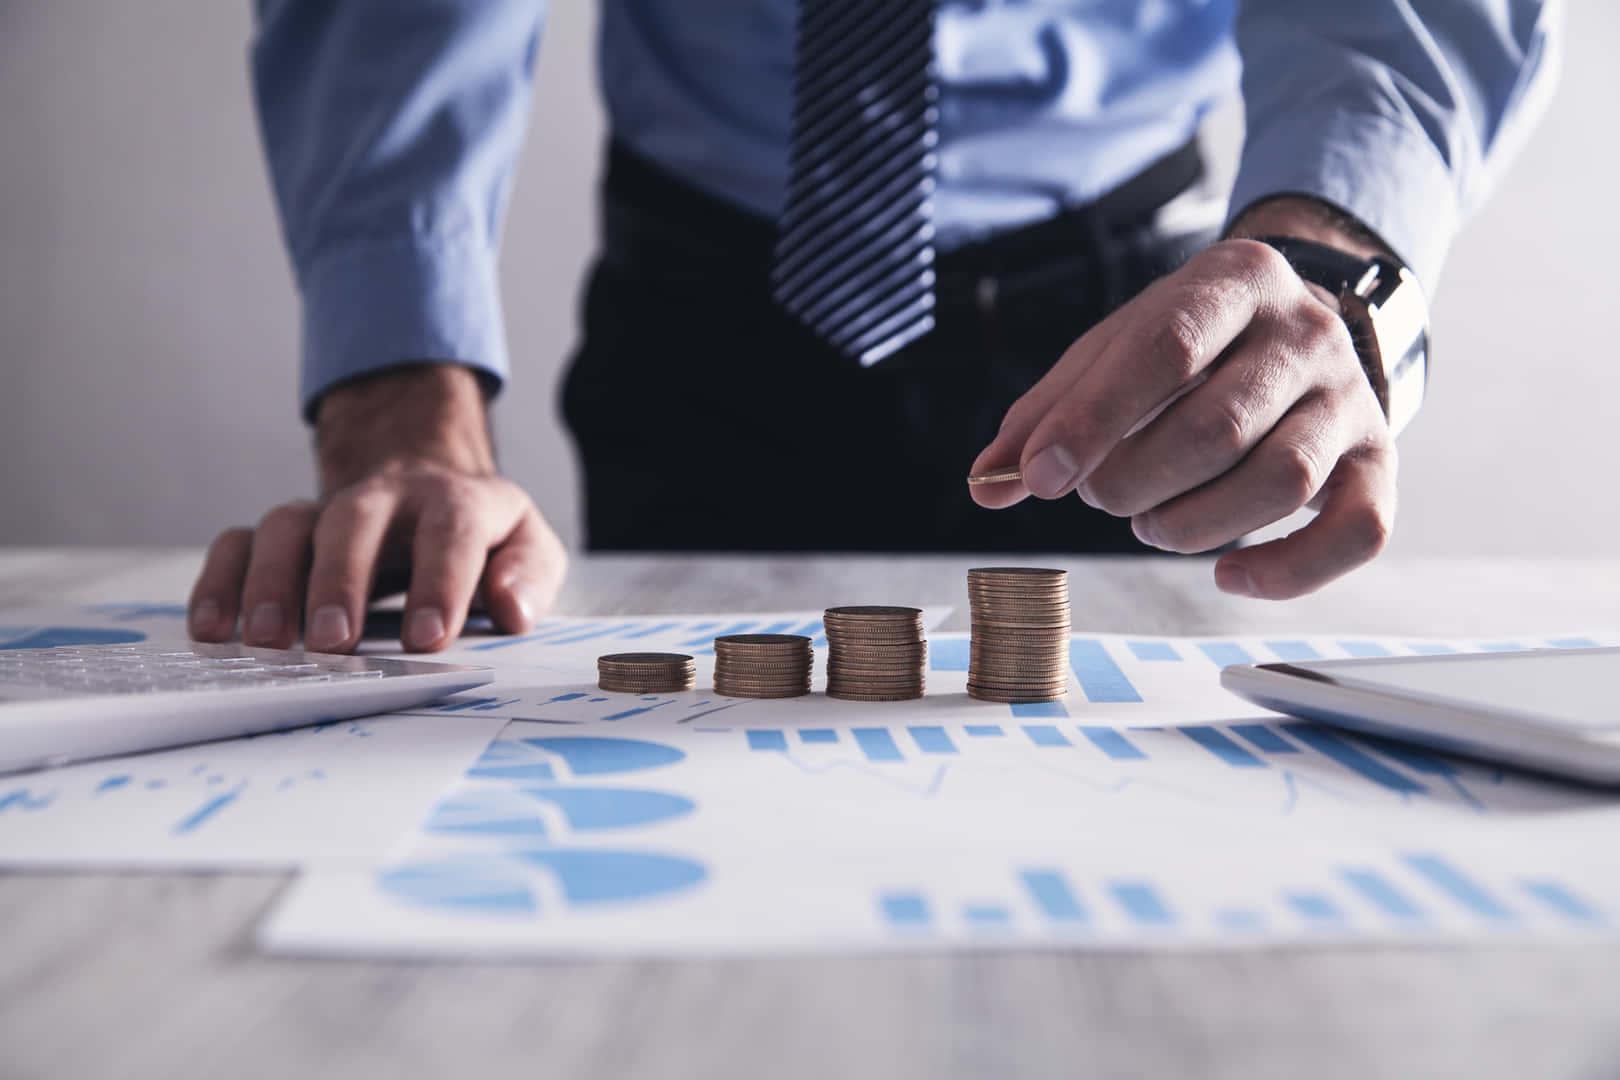 税金の支払い形態を変更する方法はあるのか?